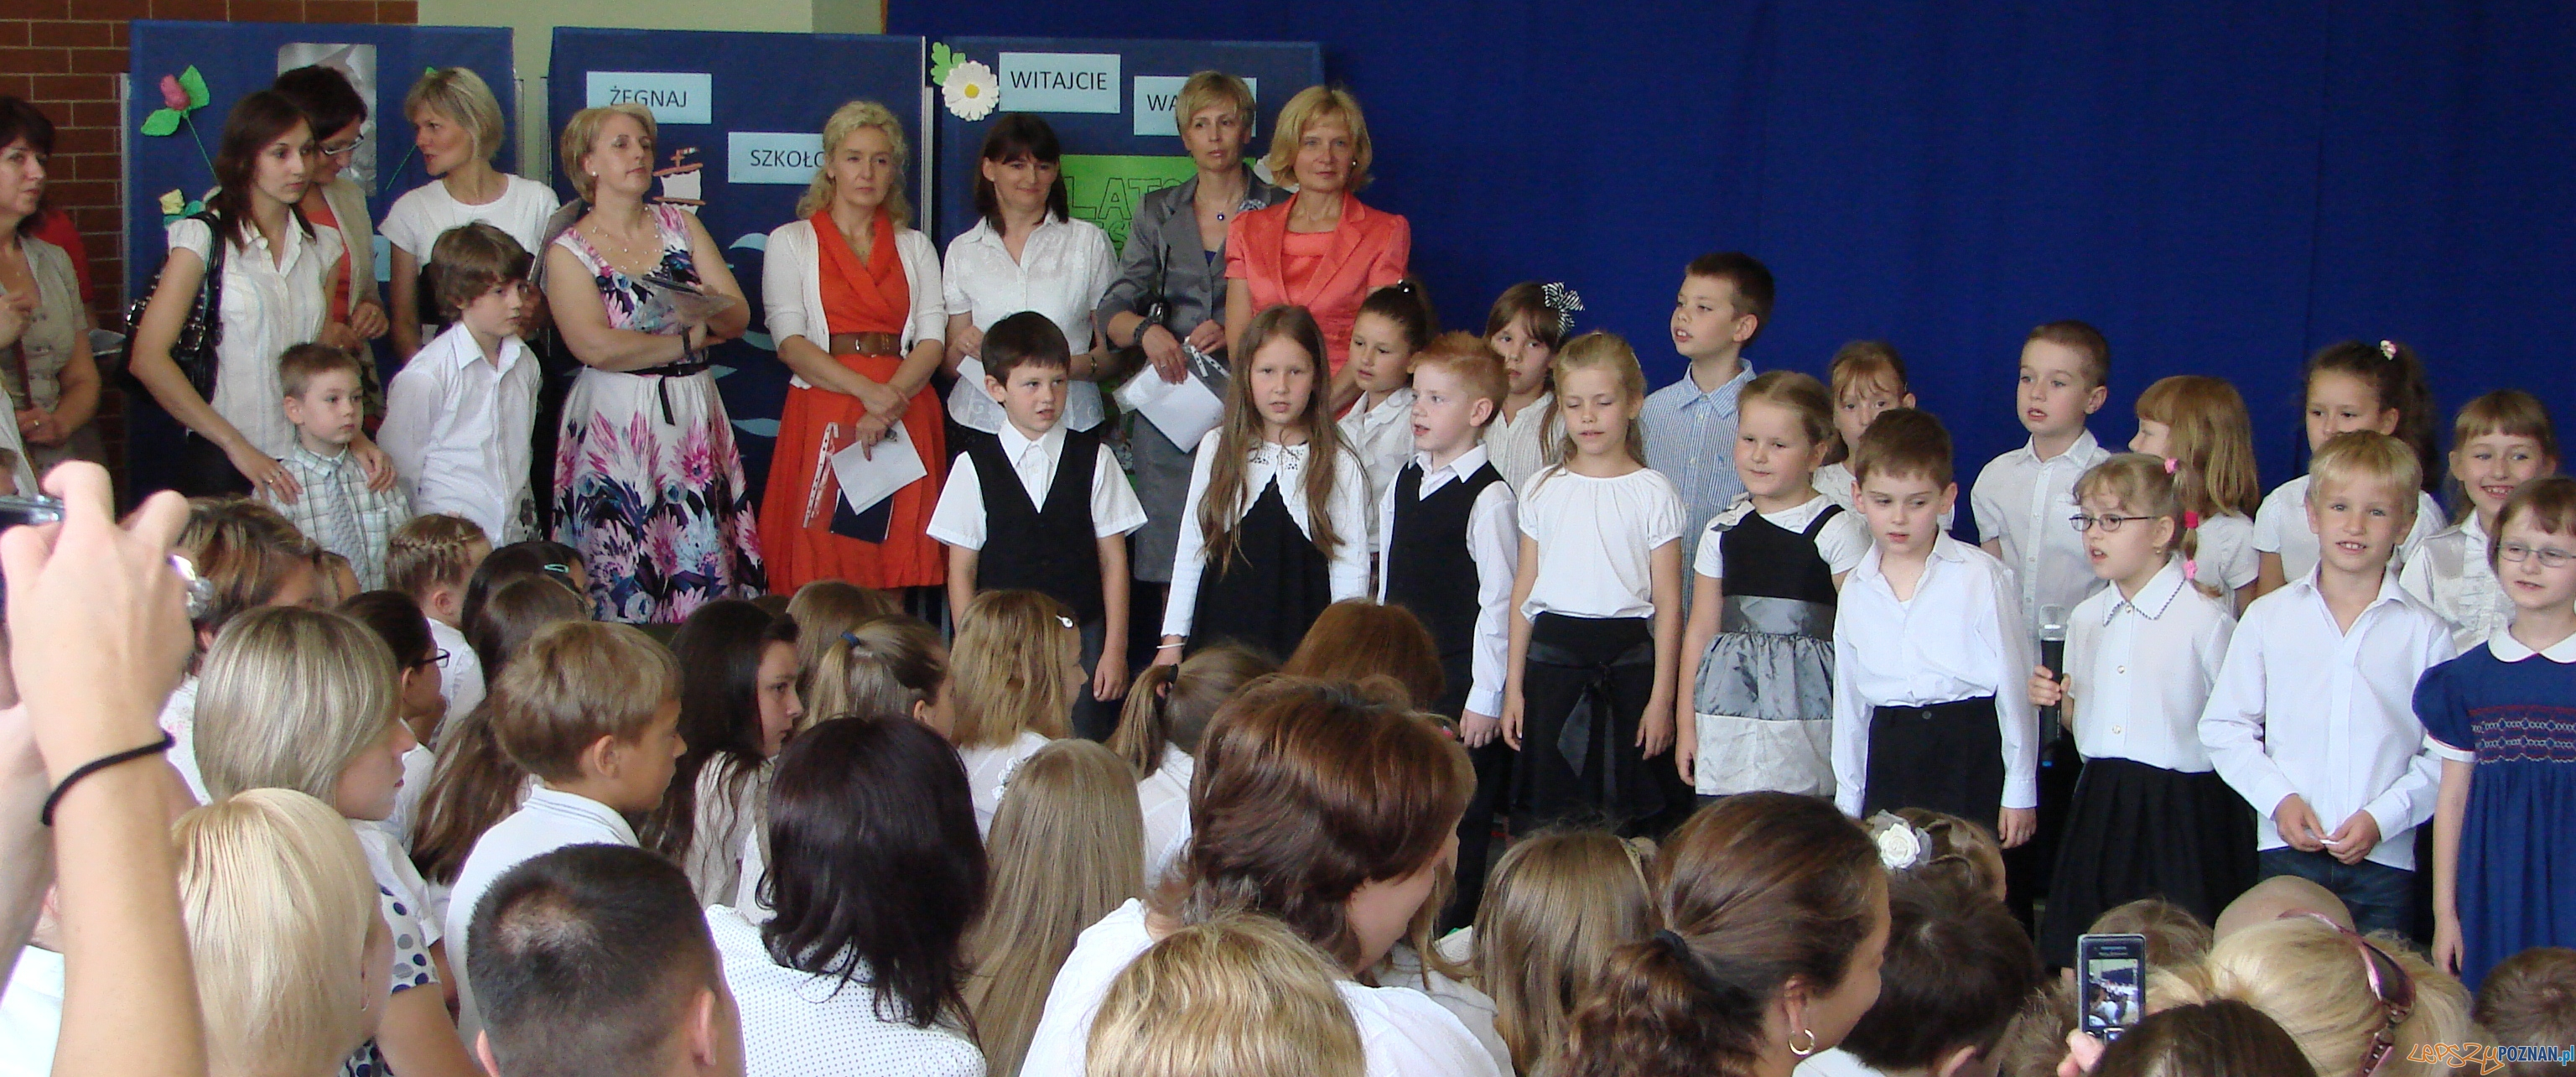 Koniec roku szkolnego w SP 87 w Poznaniu  Foto: lepszyPOZNAN.pl / ag